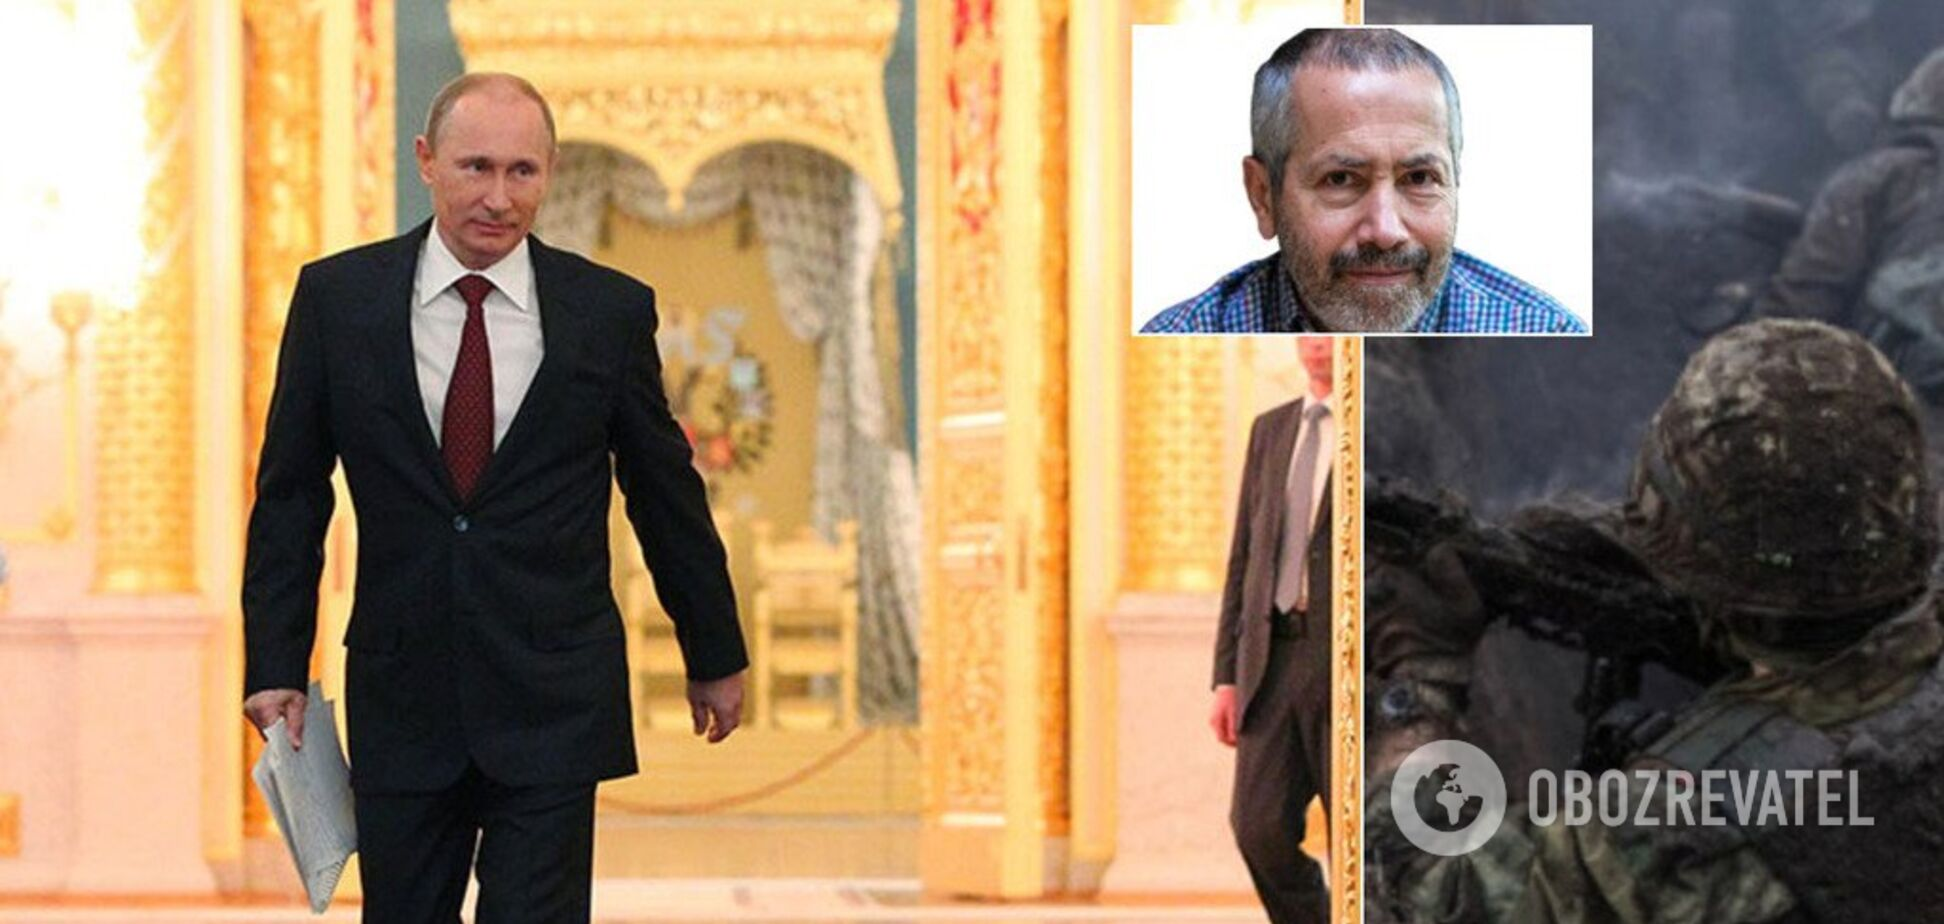 Путин пойдет на уступки по Донбассу. Президентом России он больше не будет – Радзиховский